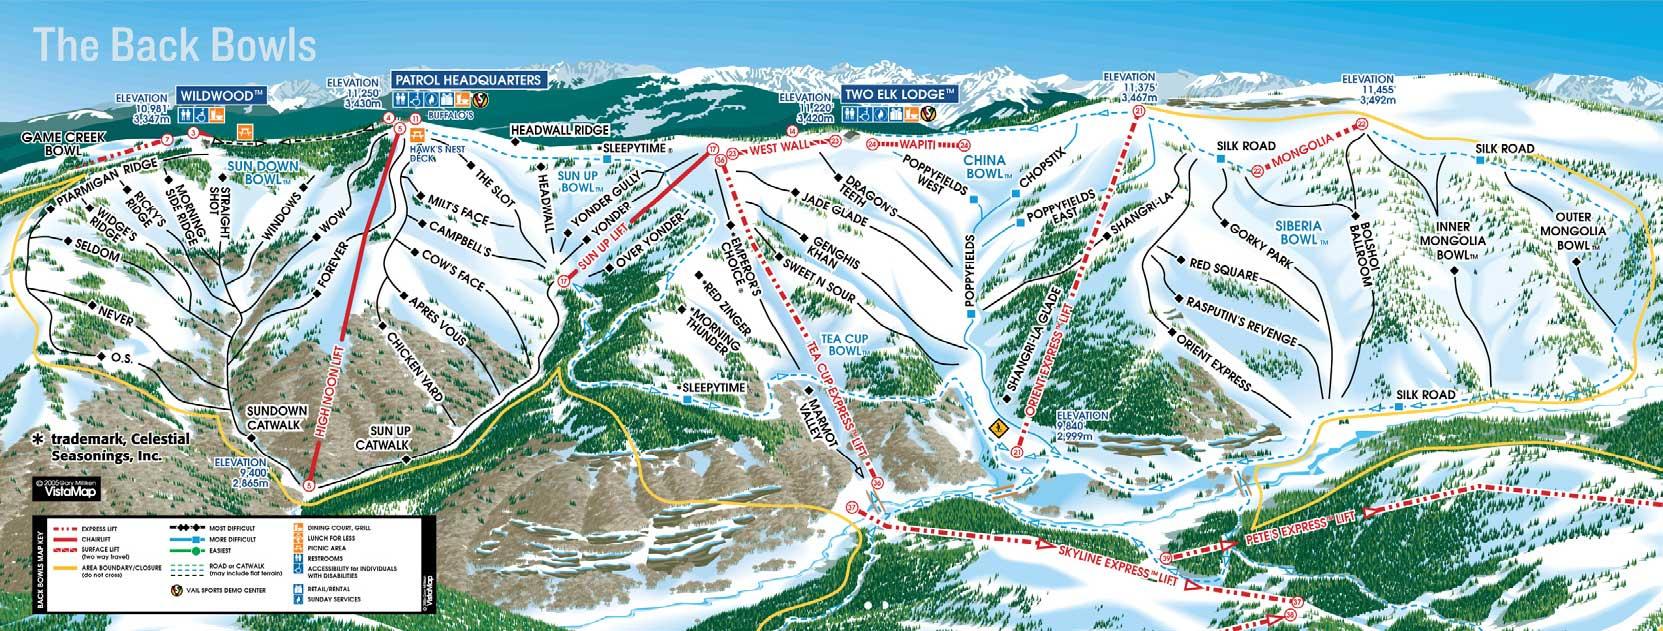 Vail ski resort back side